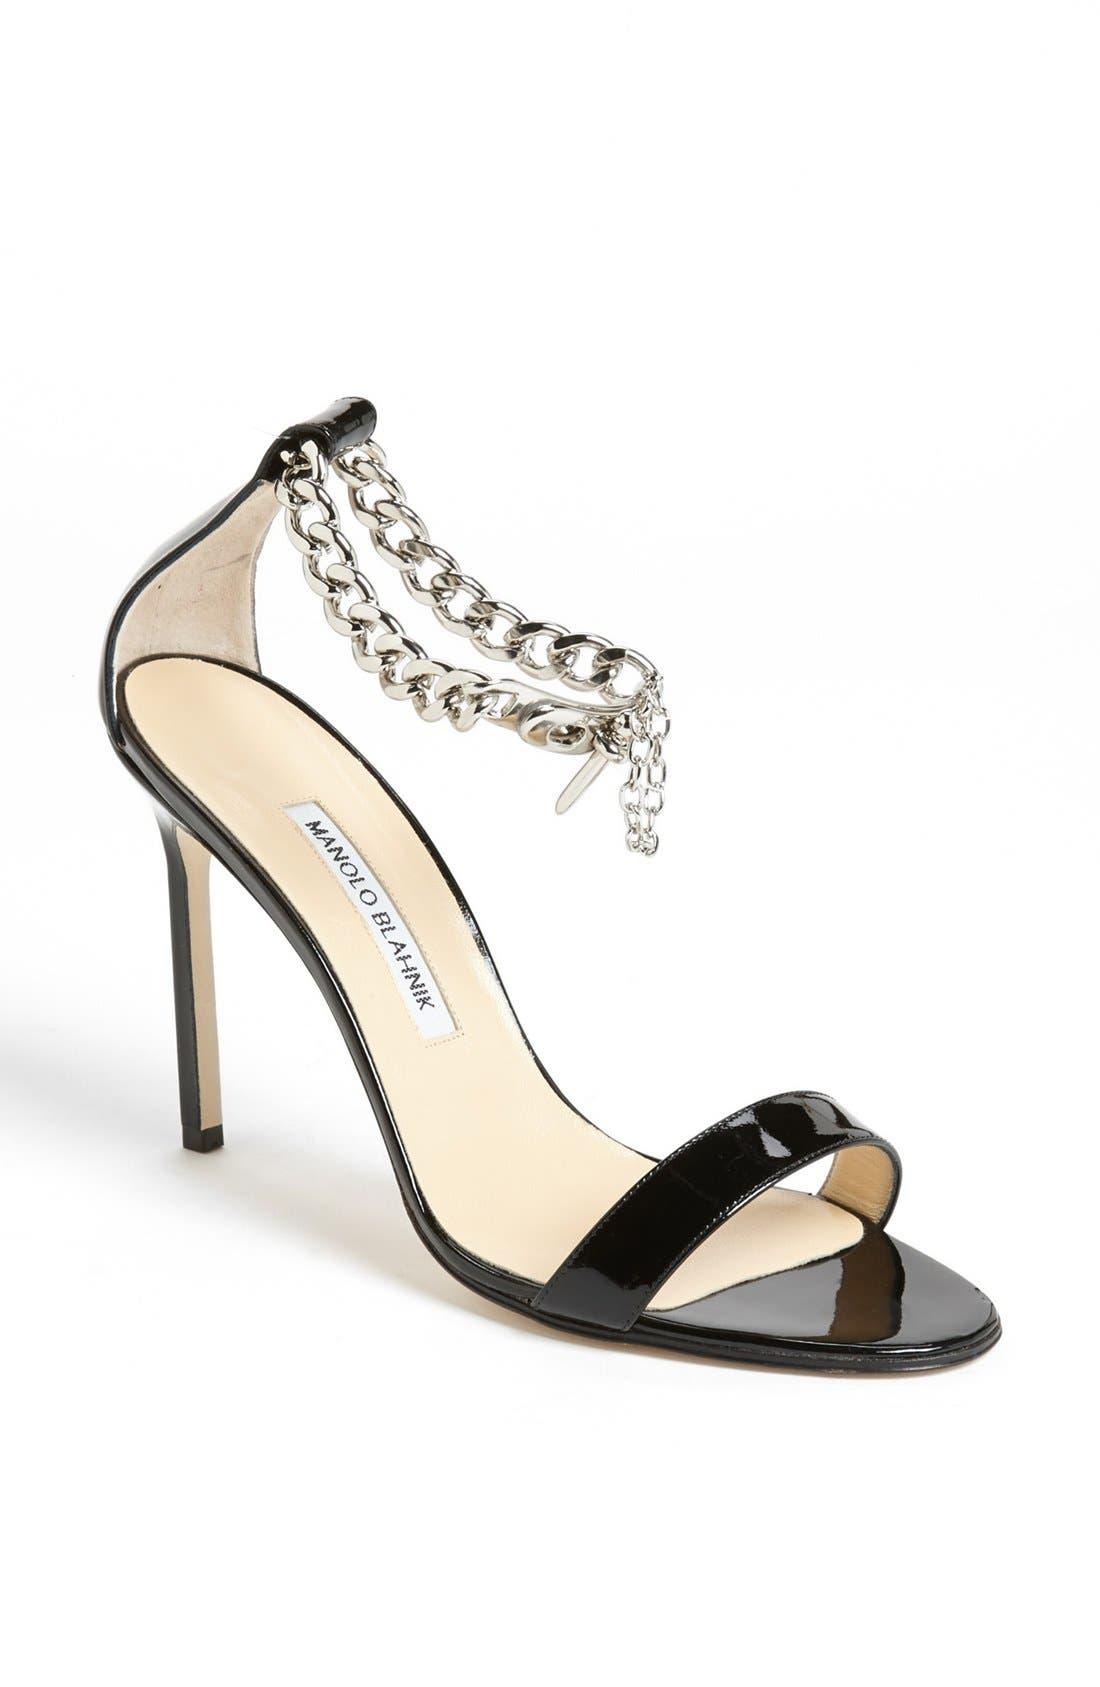 Manolo Blahnik Shoes Price Malaysia